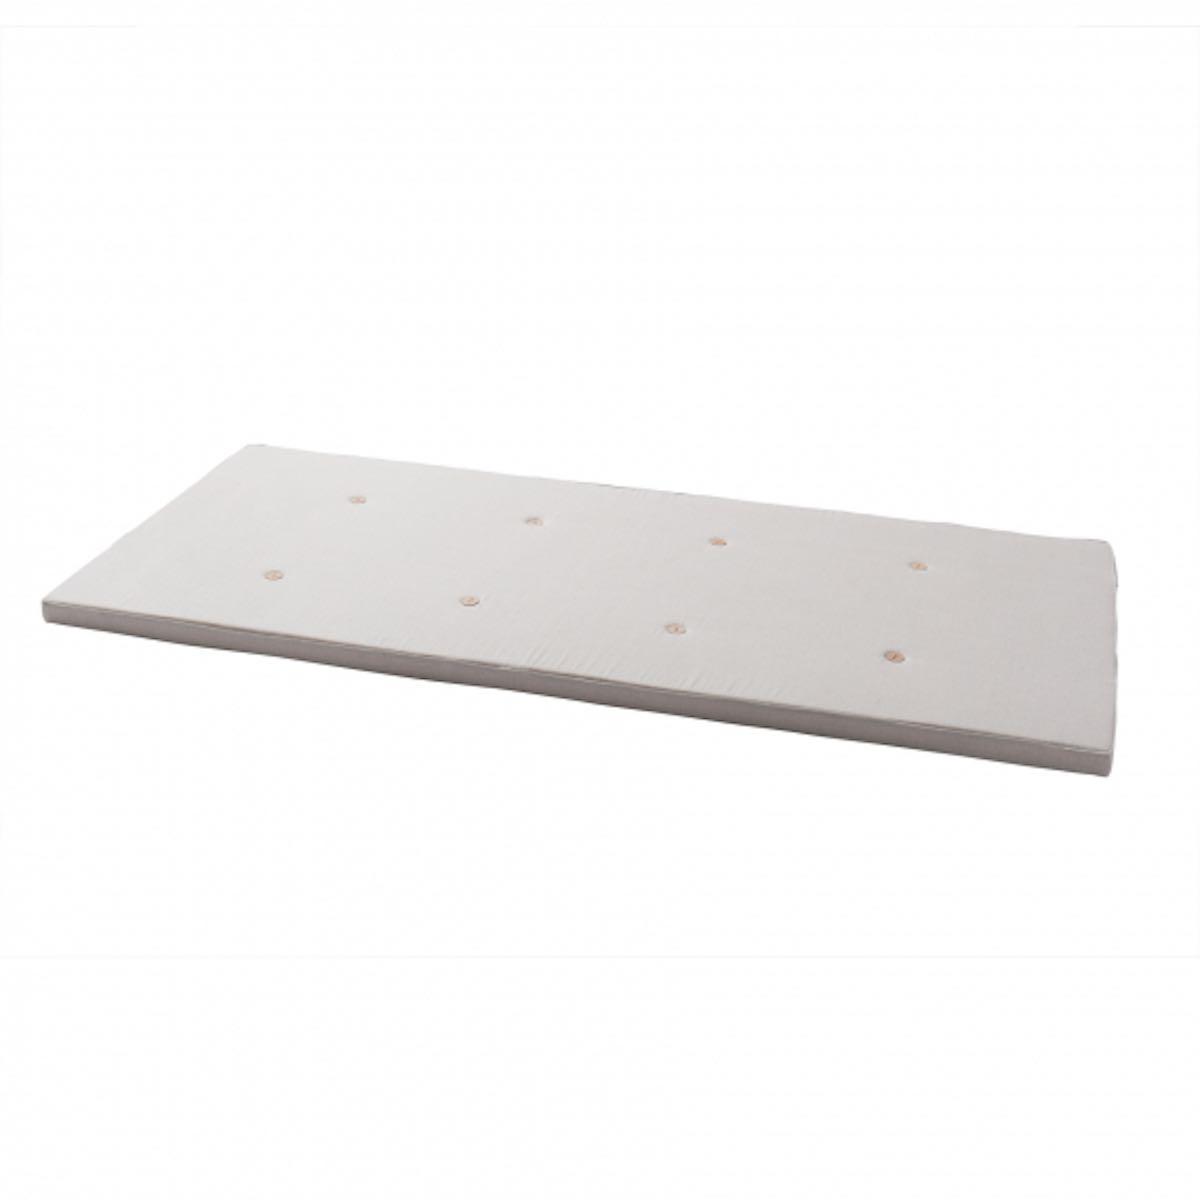 Colchón juegos 90x200cm cama media-alta SEASIDE Oliver Furniture